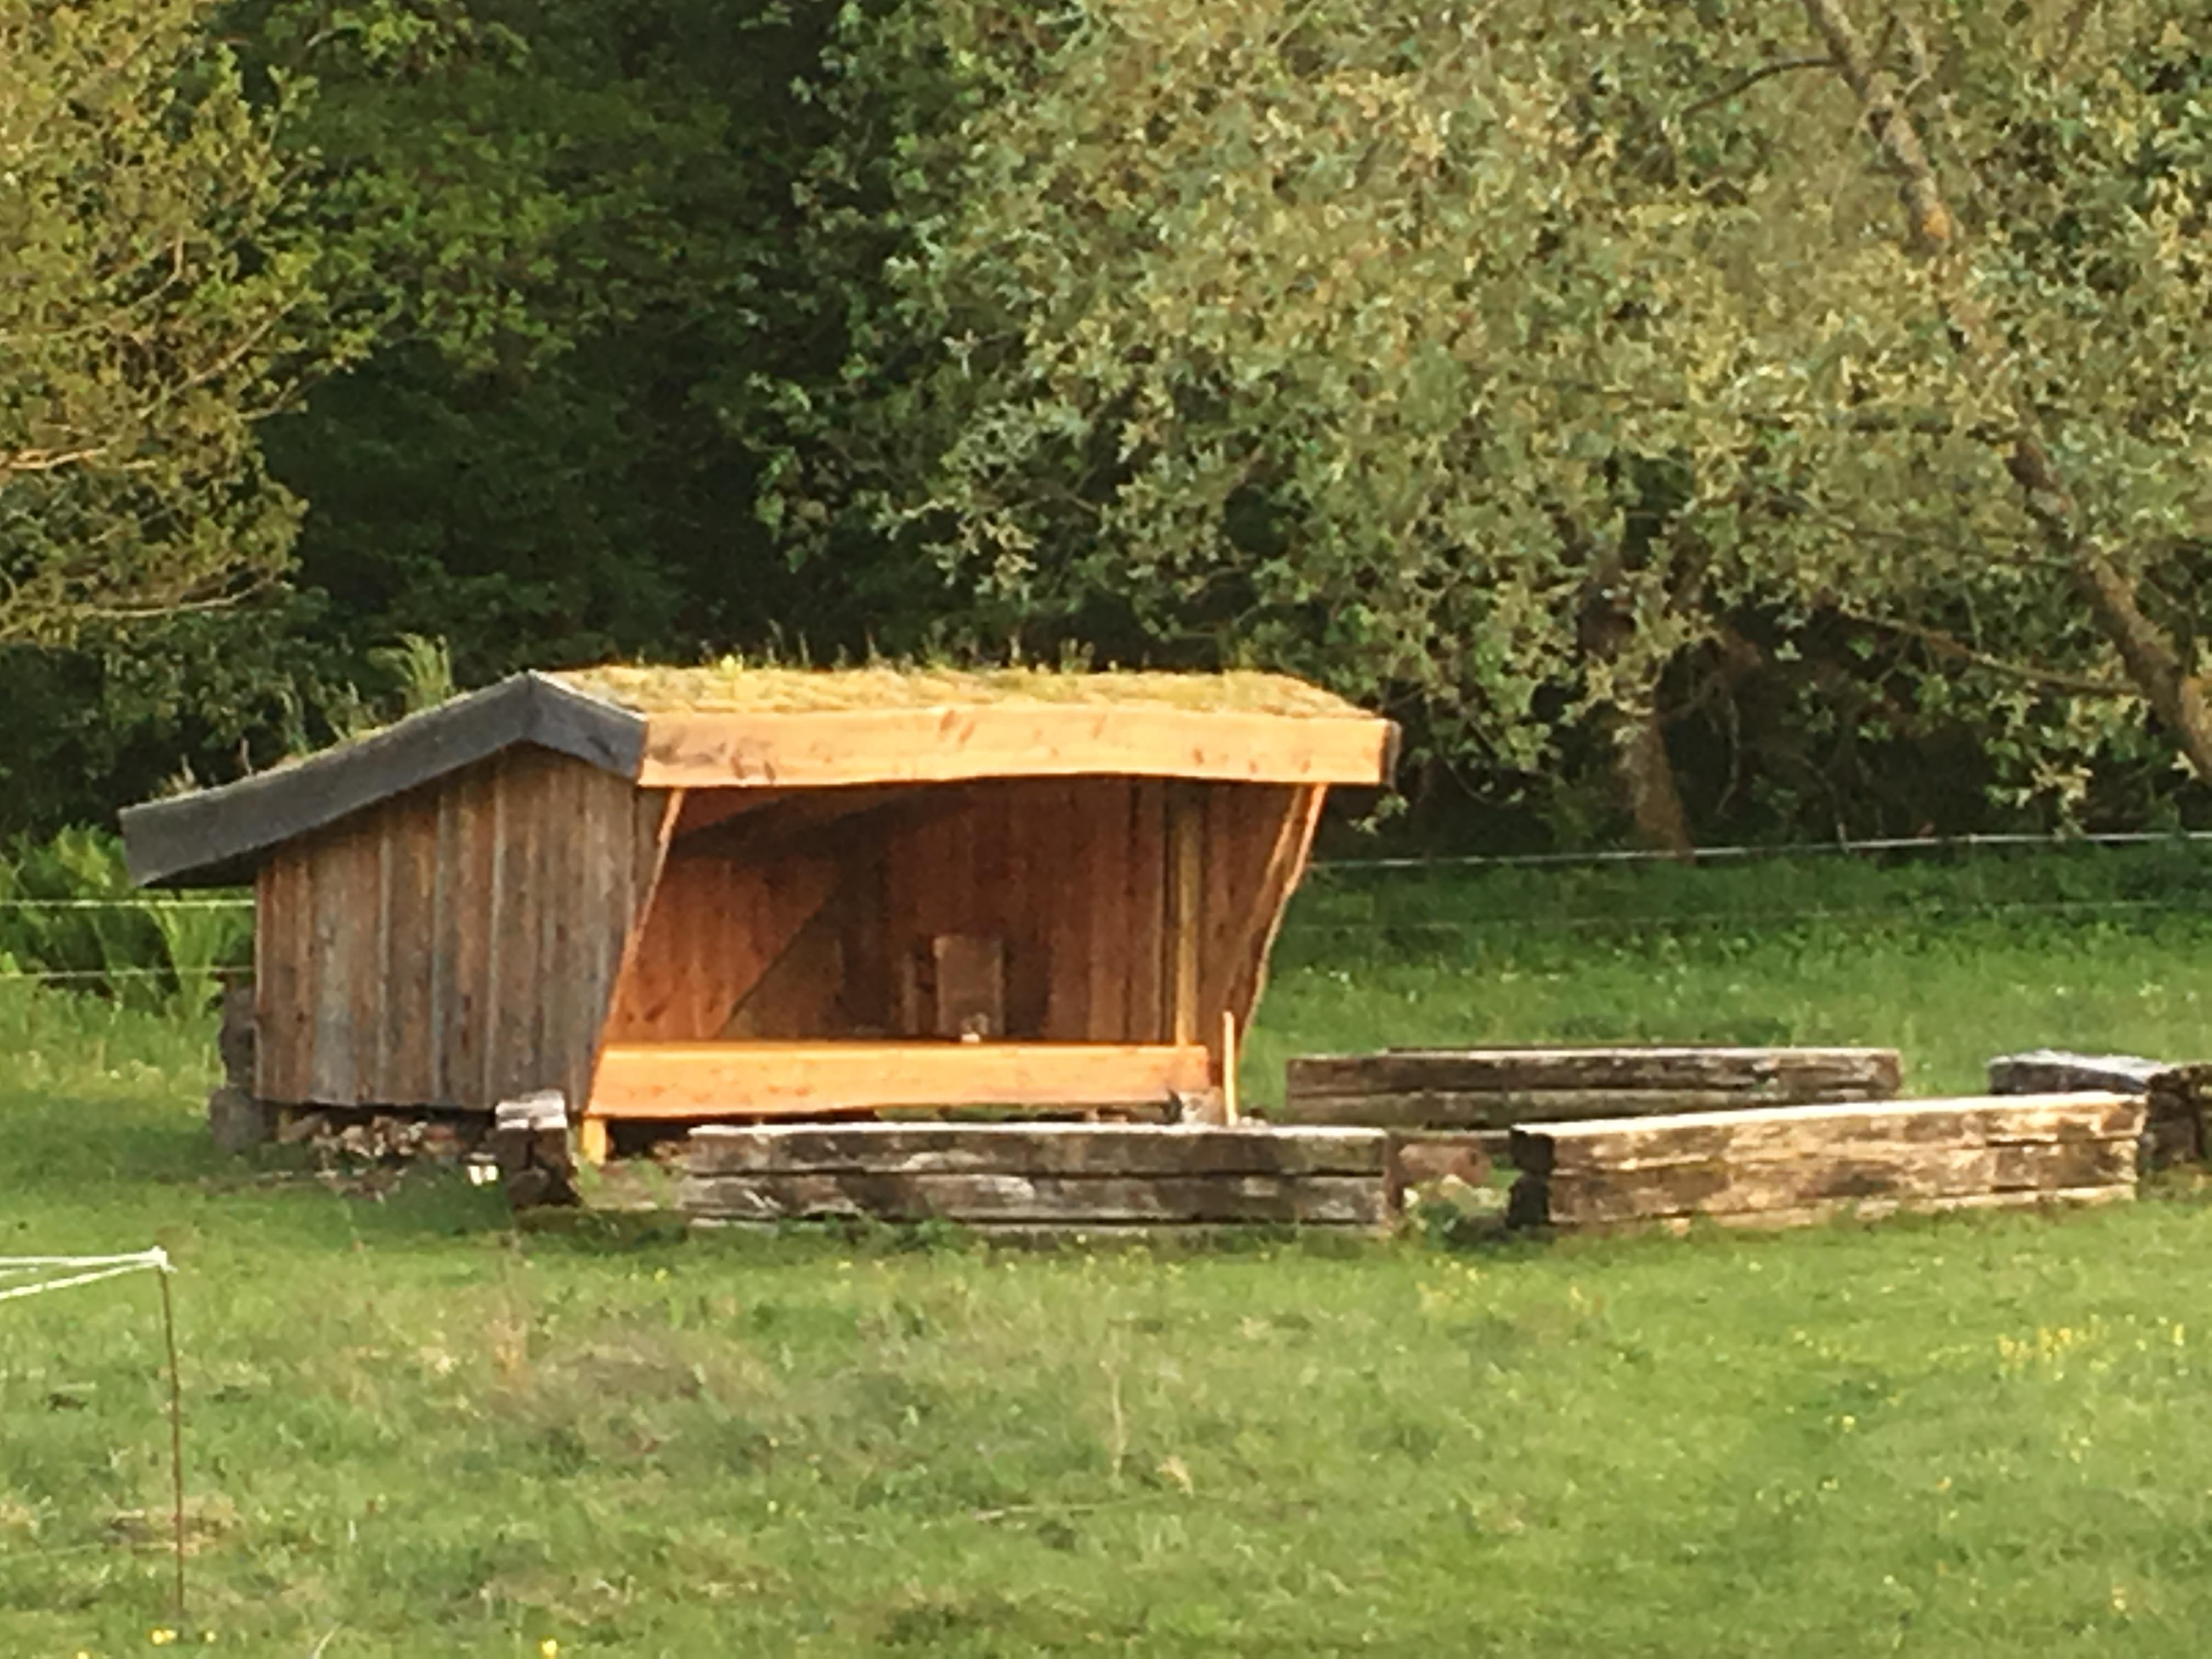 Shelter og bålplads på fællesarealet i Nonbo Hede